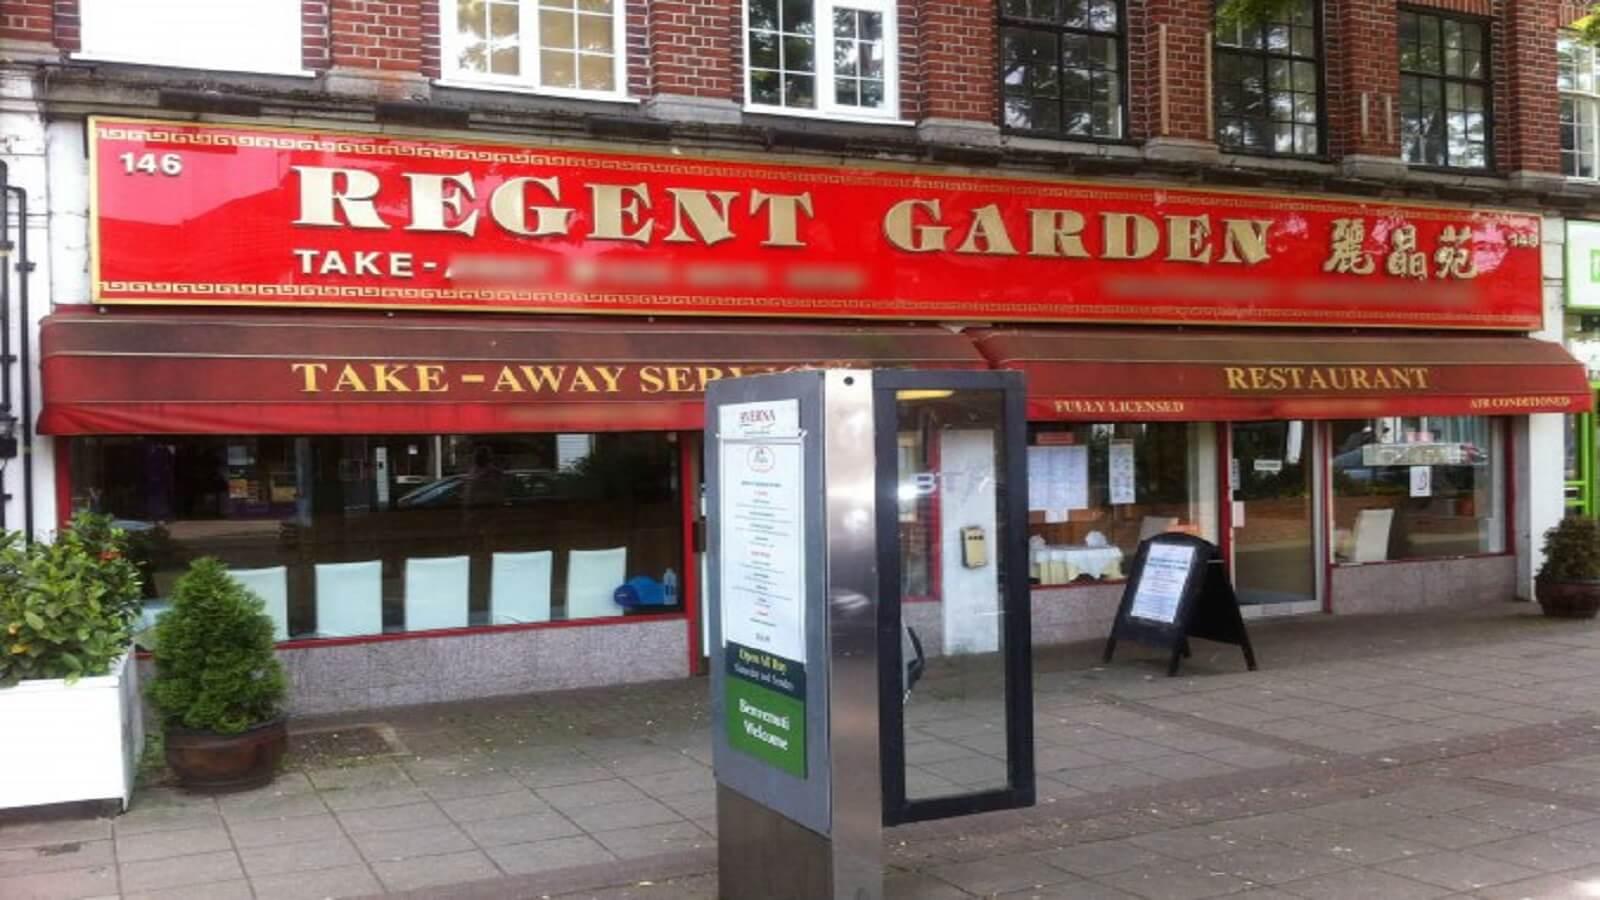 Regent Garden